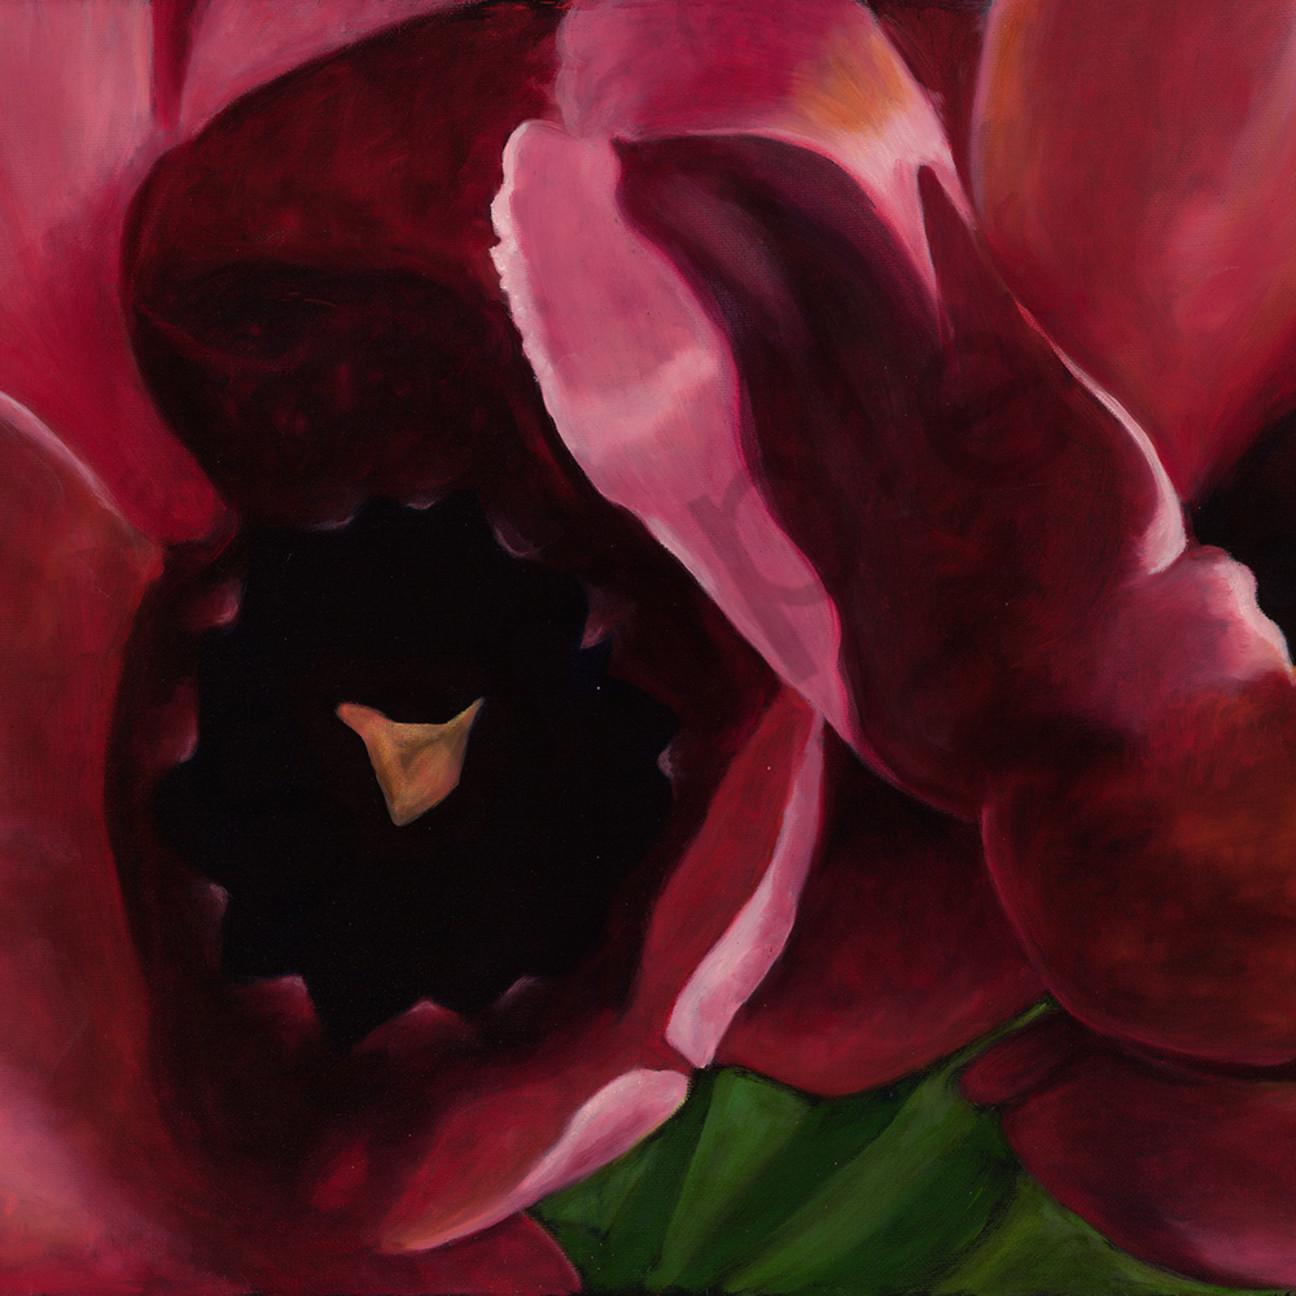 Moggre red tulip i ab8csm